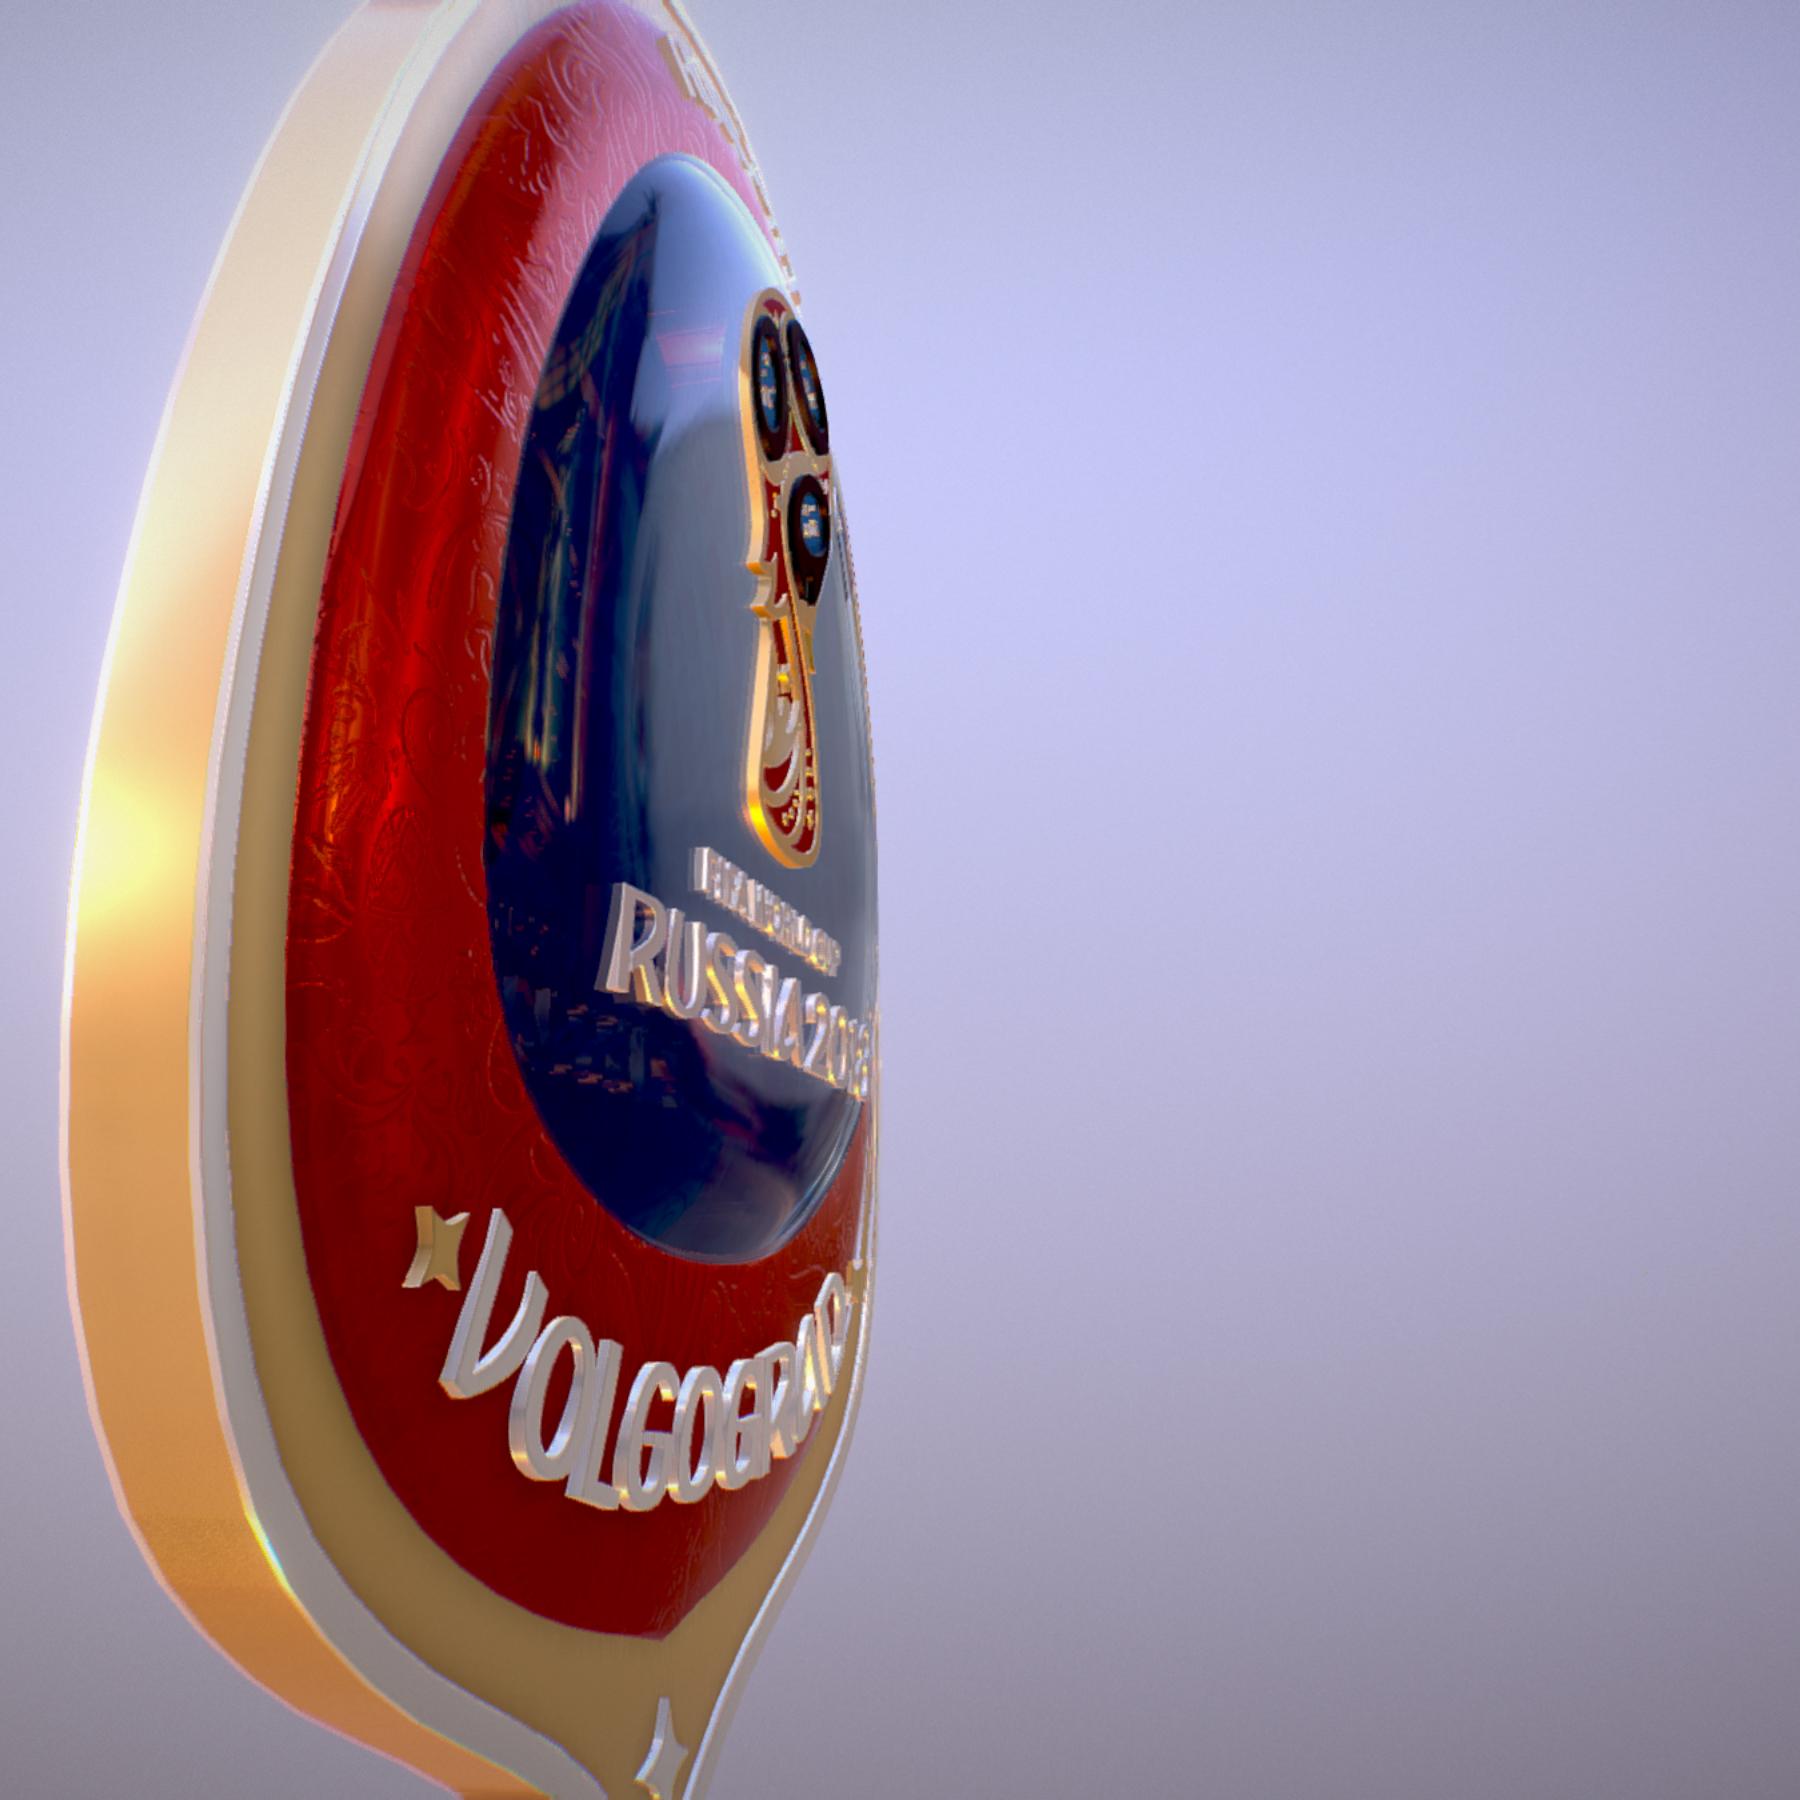 volgograd host city world cup russia 2018 symbol 3d model max  fbx jpeg jpg ma mb obj 271867